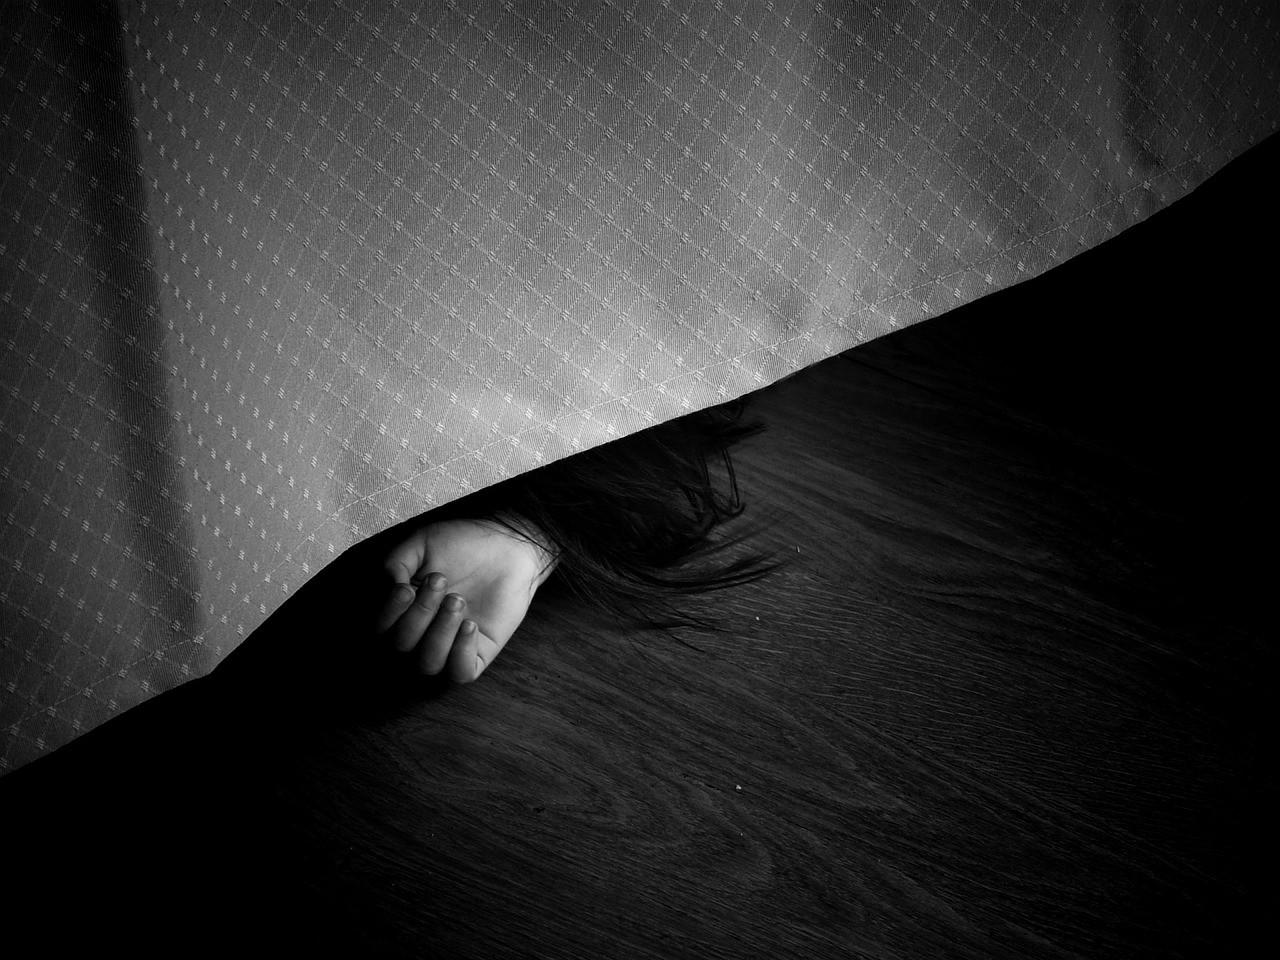 ▲屍體,命案,死亡。(圖/取自免費圖庫pixabay)